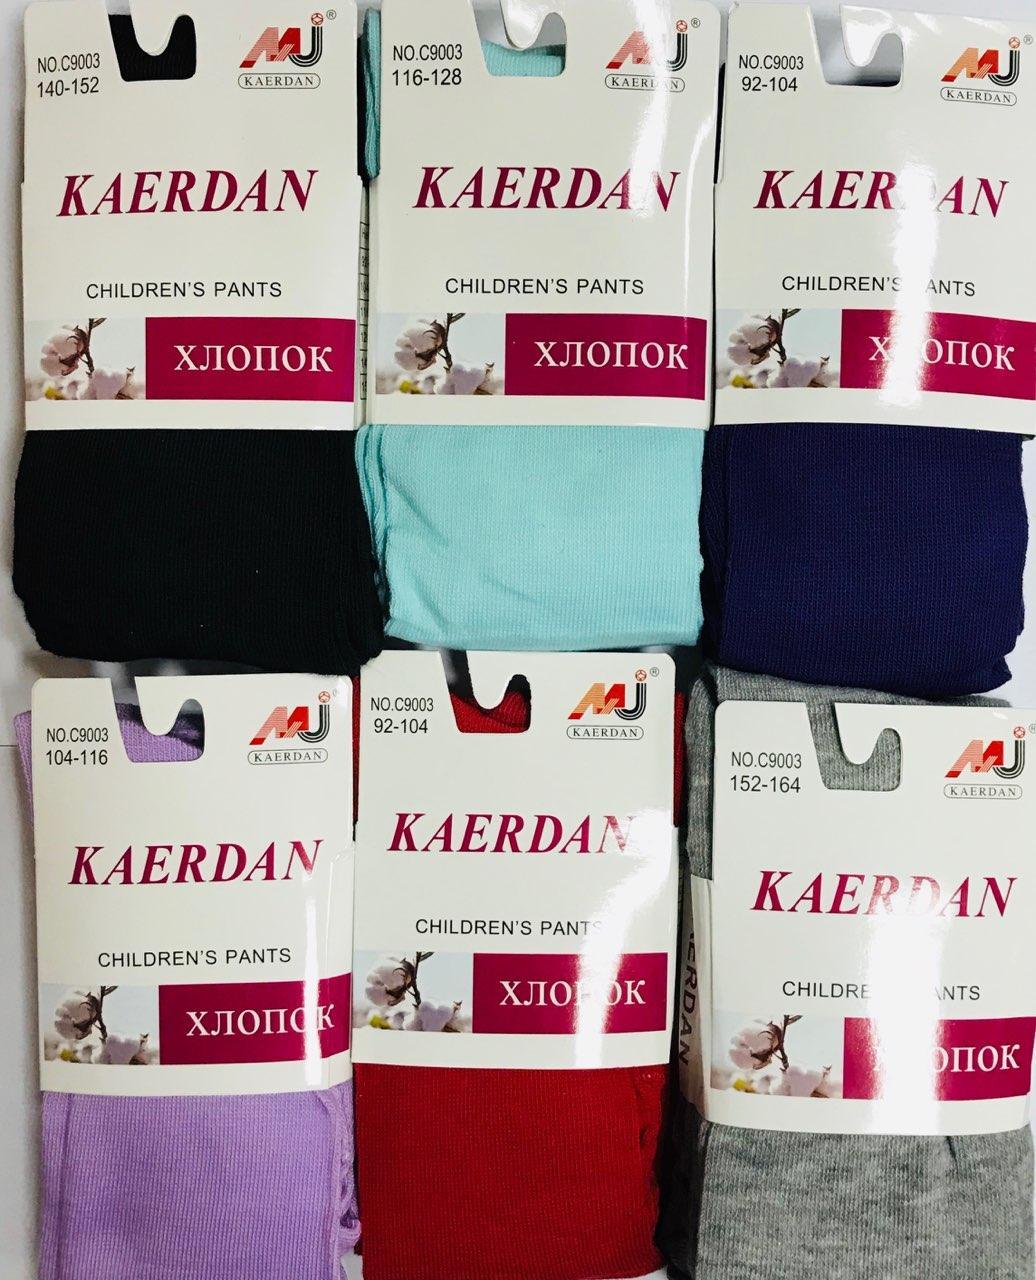 Колготки детские демисезонные хлопок KAERDAN ассорти размеры 92-164 C-9003